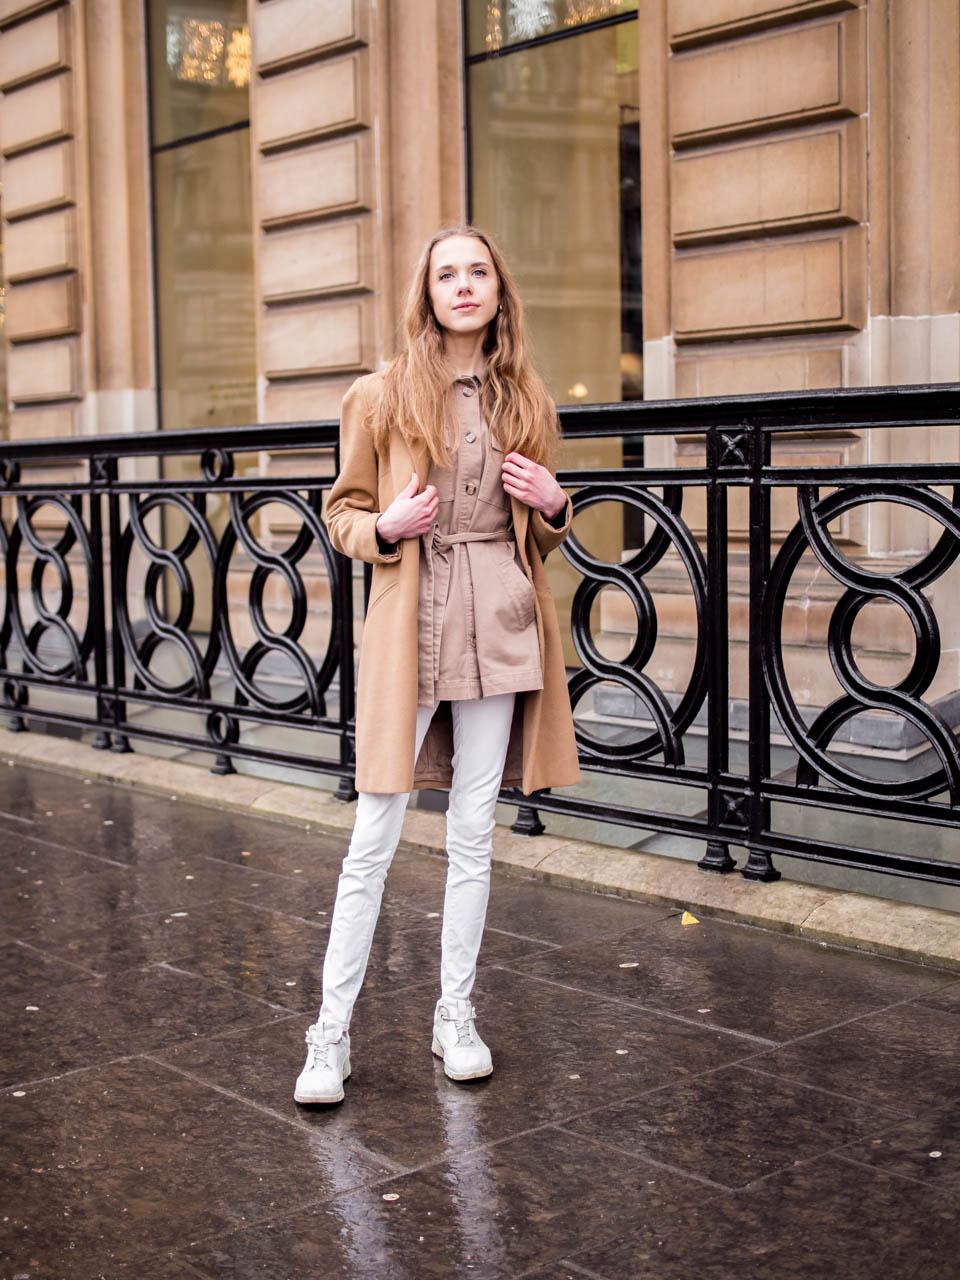 White denim inspiration - Valkoiset farkut, muoti, tyyli, inspiraatio. bloggaaja